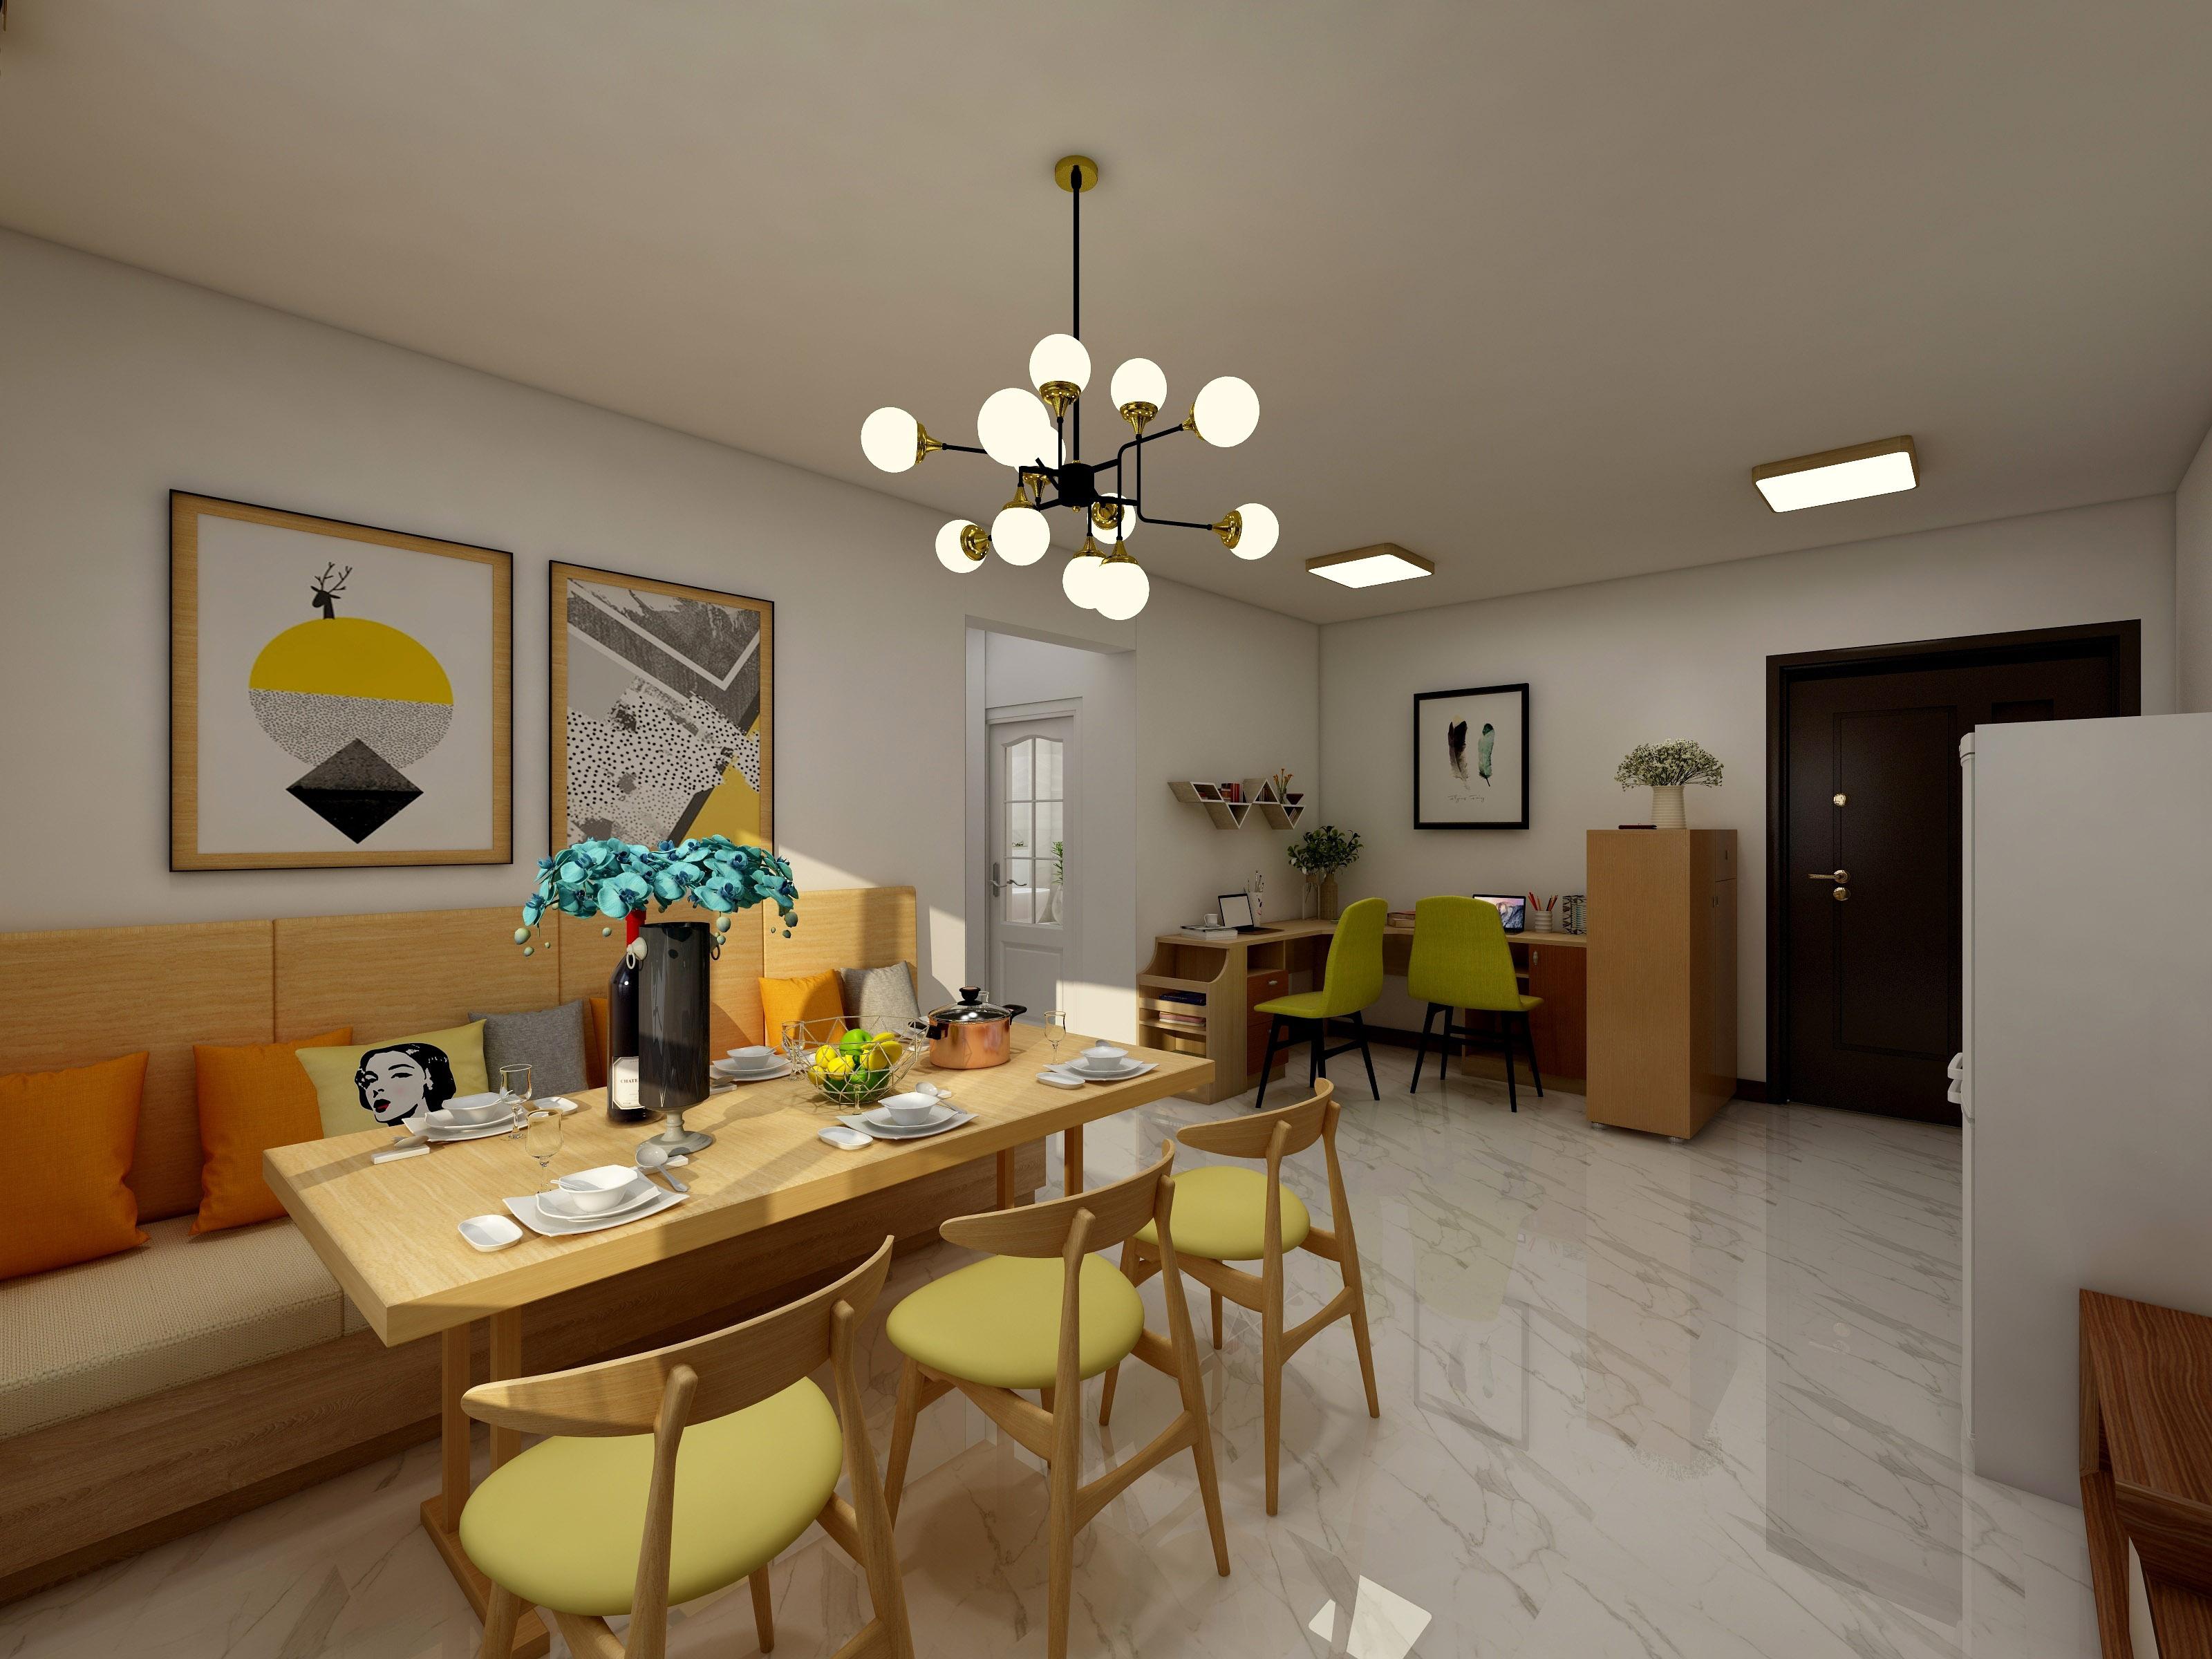 客餐厅效果图2——业之峰装饰两室两厅平米现代简约风